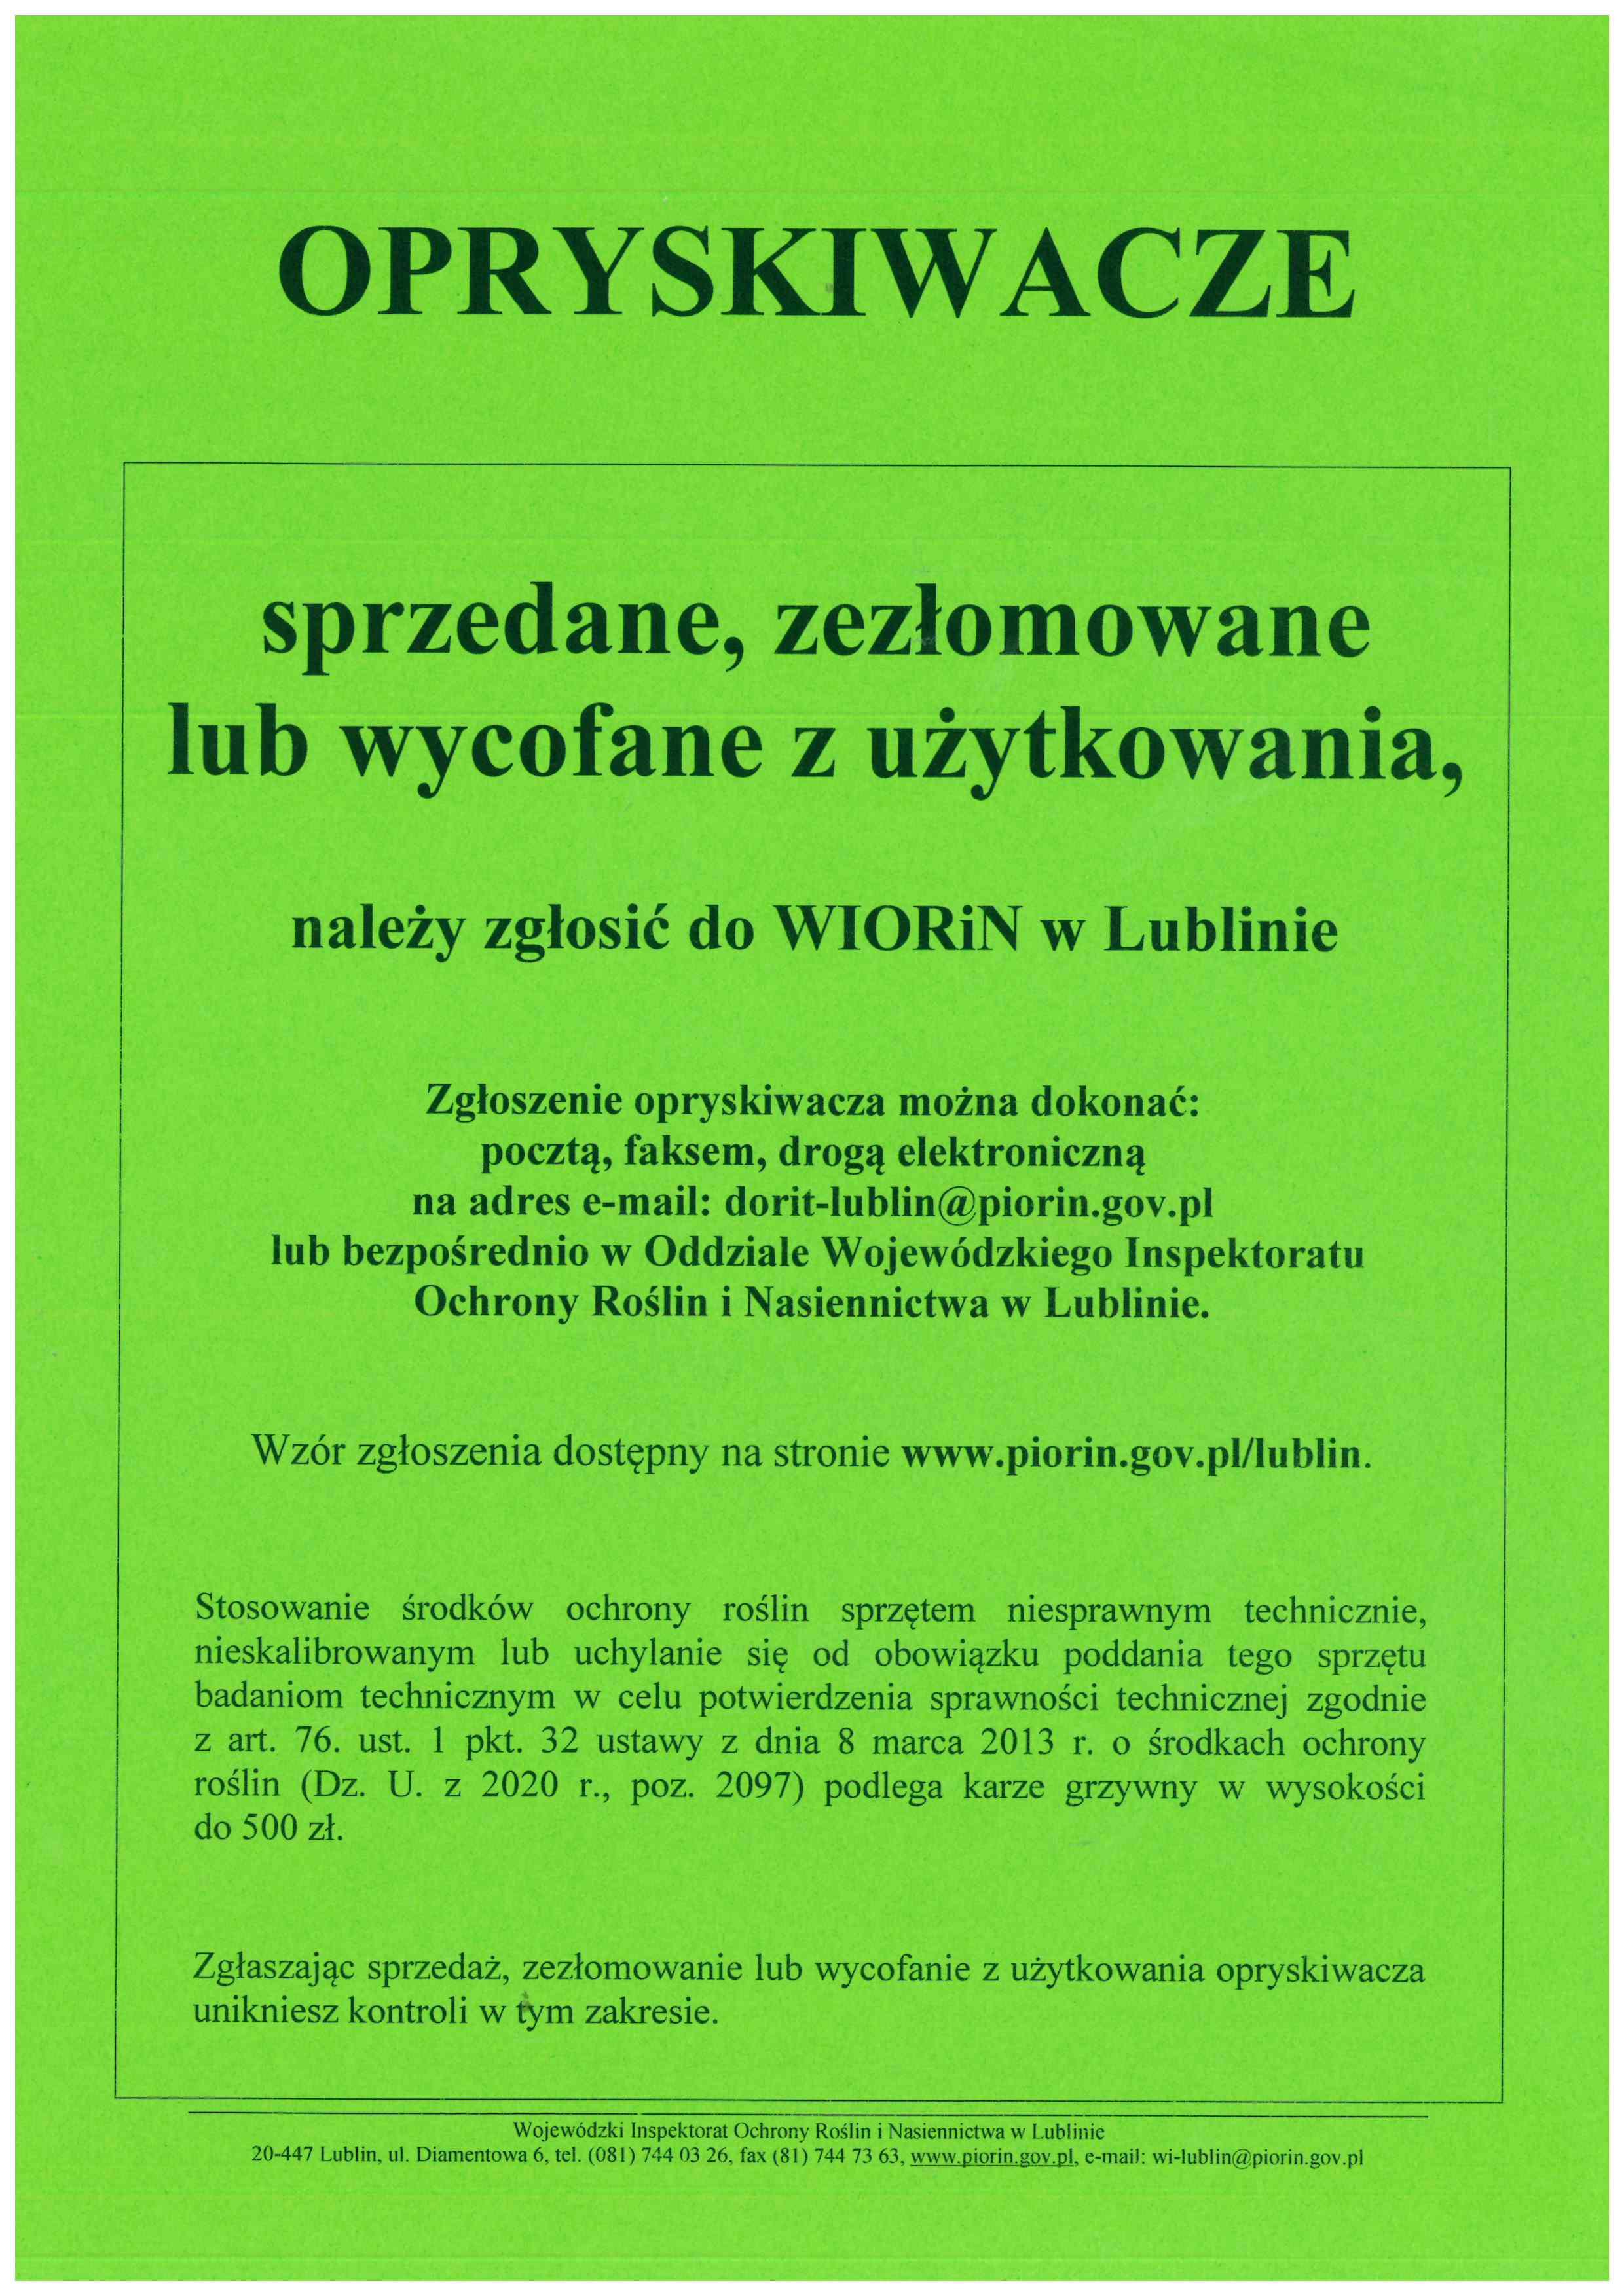 Opryskiwacze sprzedane, zezłomowane lub wycofane z użytkowania należy zgłaszać do WIORiN w Lublinie